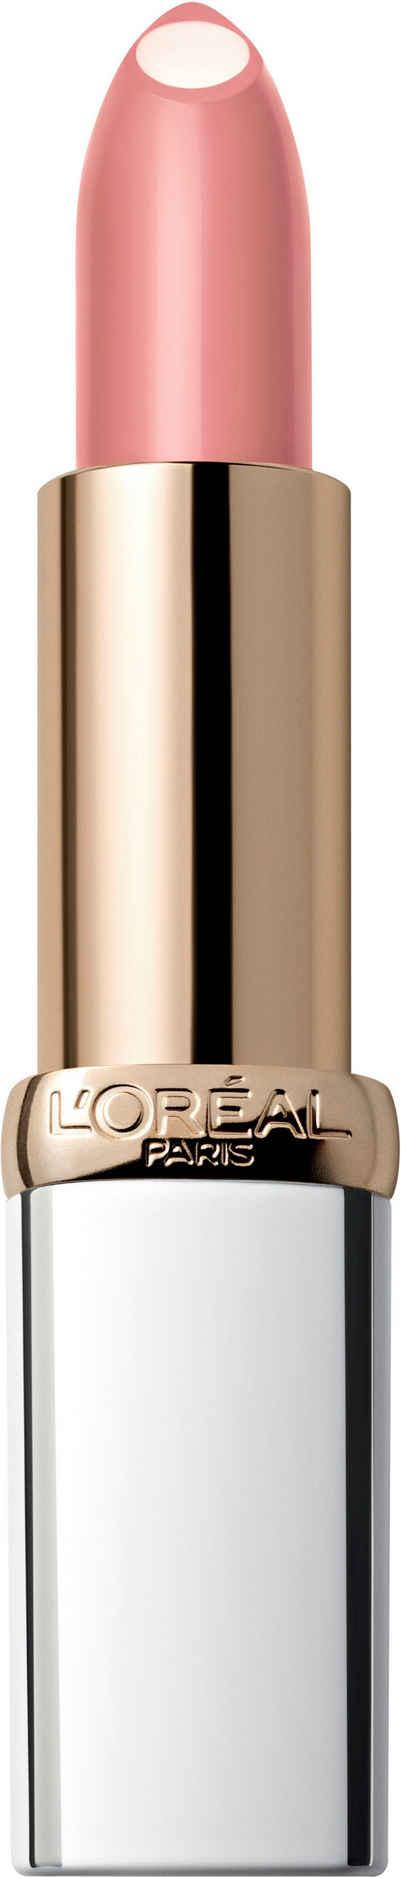 L'ORÉAL PARIS Lippenstift »Age Perfect«, mit feuchtigkeitsspendendem Pflege-Kern